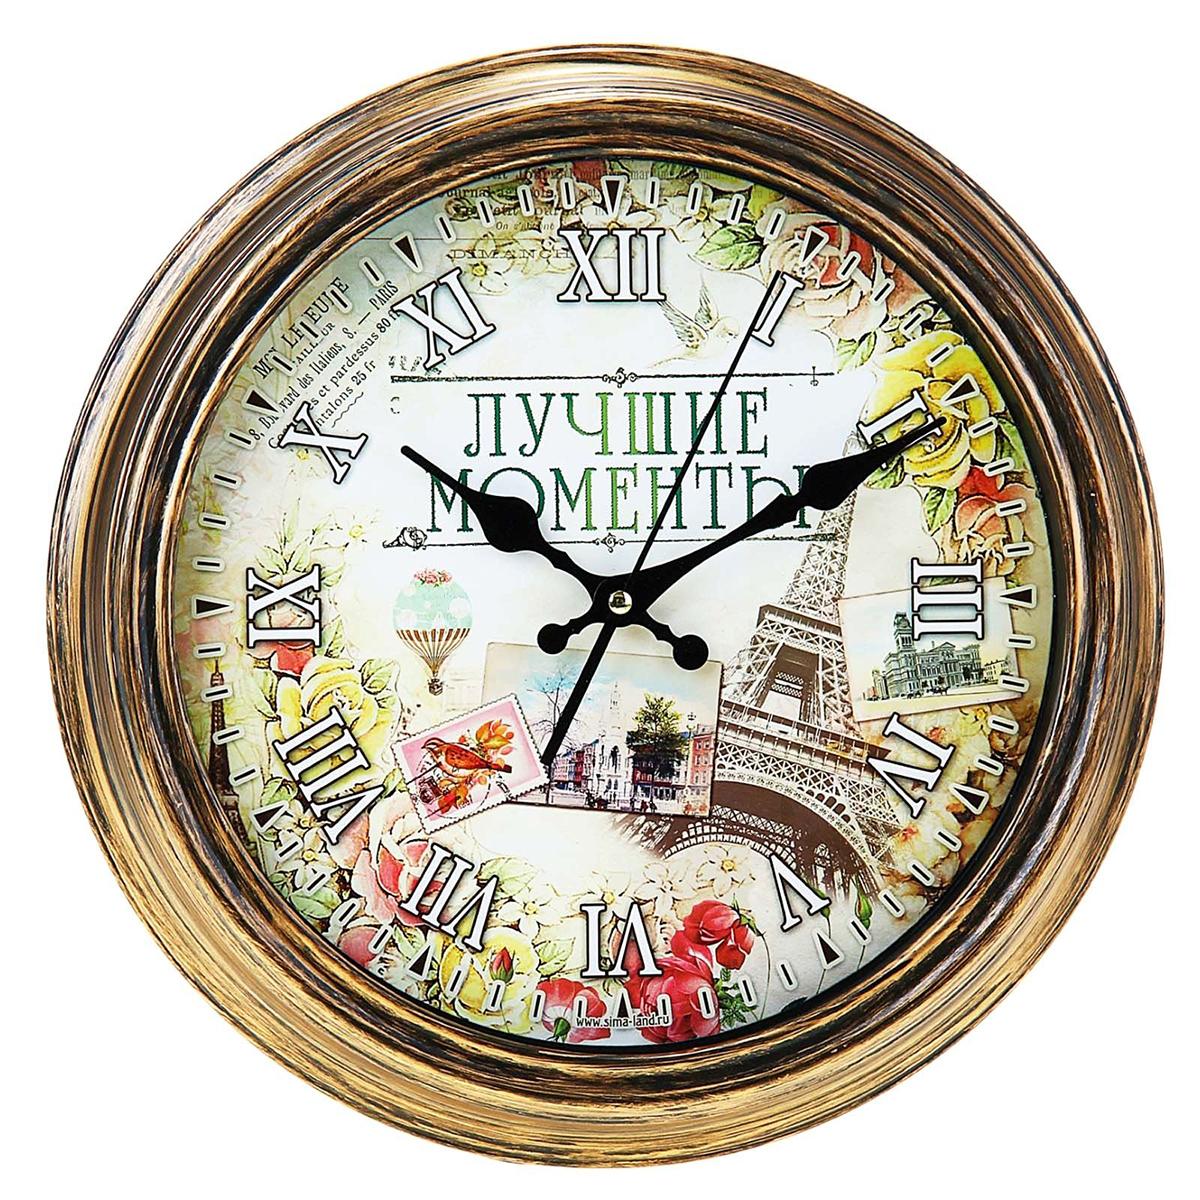 Часы настенные Лучшие моменты, 28 см150170Часы, кроме того что отслеживают время, являются наиболее популярным решением в создании домашнего уюта и задают определенный тон помещению. Часы интерьерные настенные Лучшие моменты сделают интерьер более насыщенным и выразительным. Подчеркнуть всю элегантность гостиной комнаты или же привнести немного нежности в спальню, – все это можно осуществить, просто повесив их на стену. Часы имеют диаметр 32 см и работают от батареек типа АА (в комплект не входят).Часы интерьерные настенные Лучшие моменты, 28 см 150170